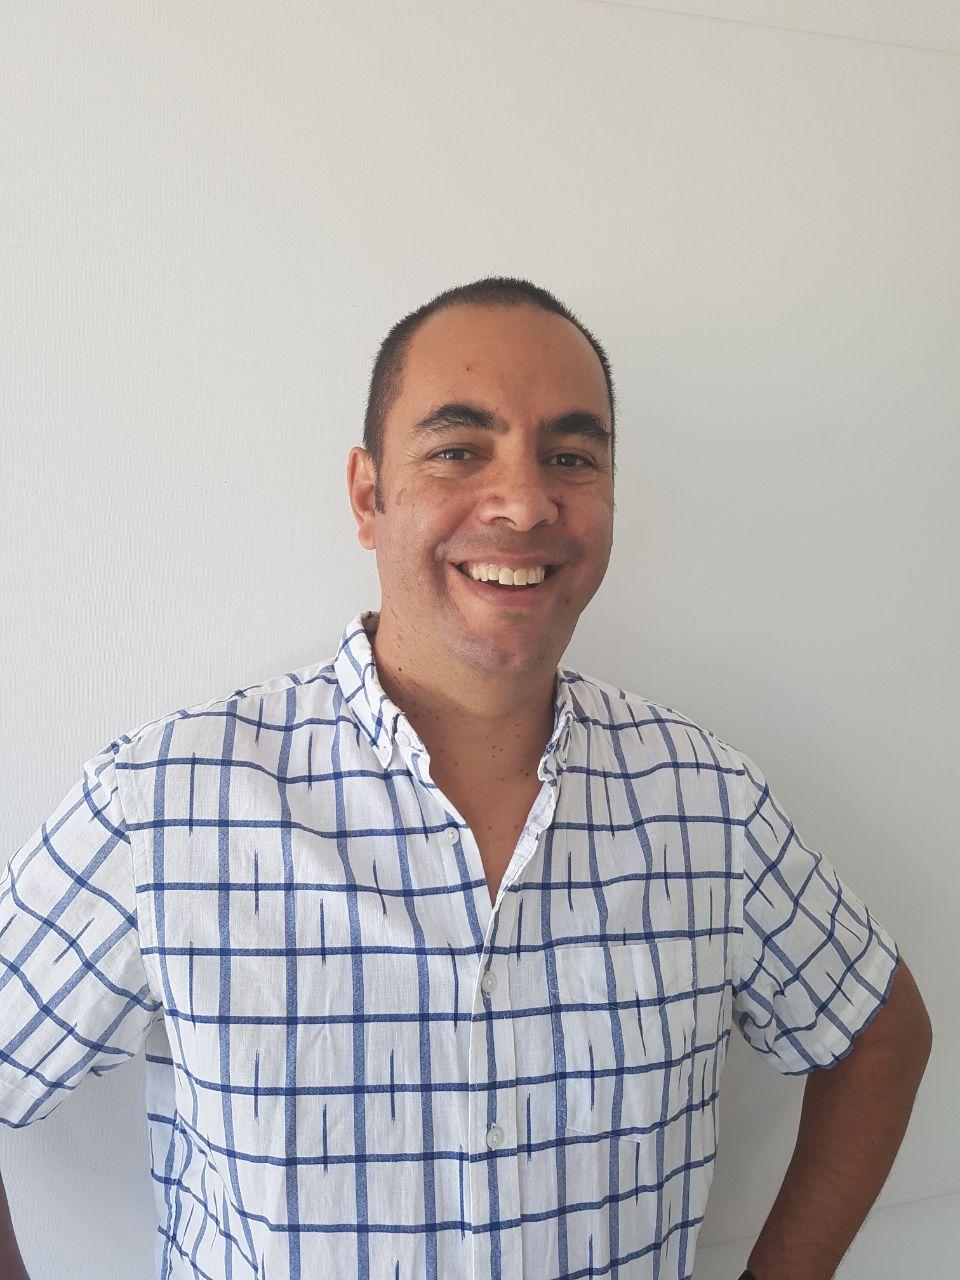 Javier Noguera